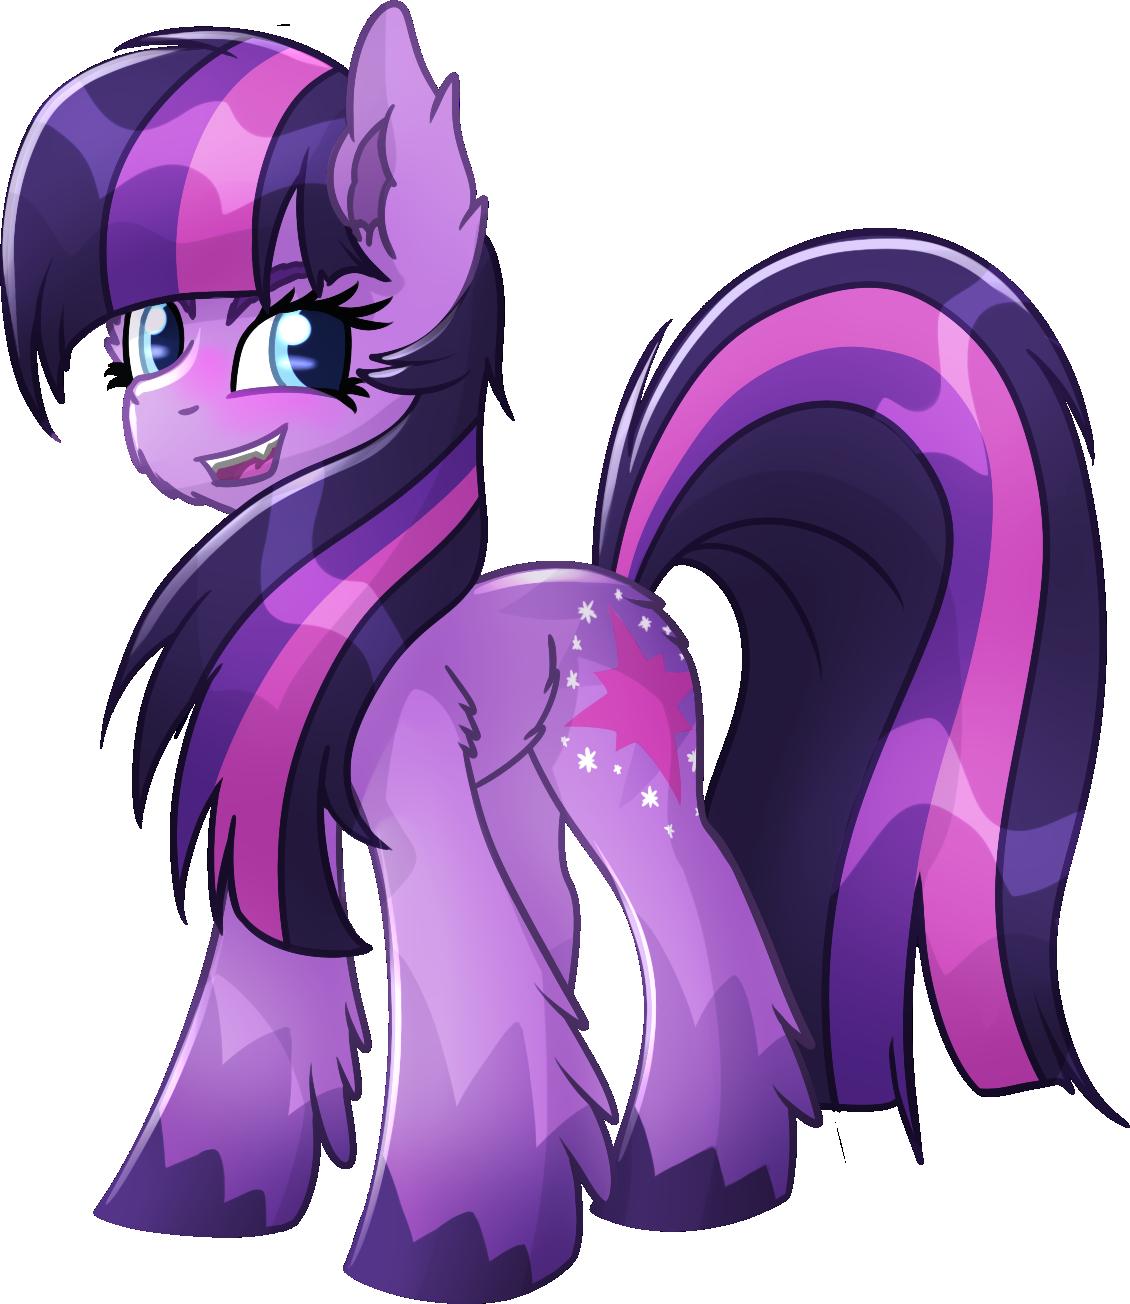 G5 Twilight Sparkle by Shad0w-Galaxy